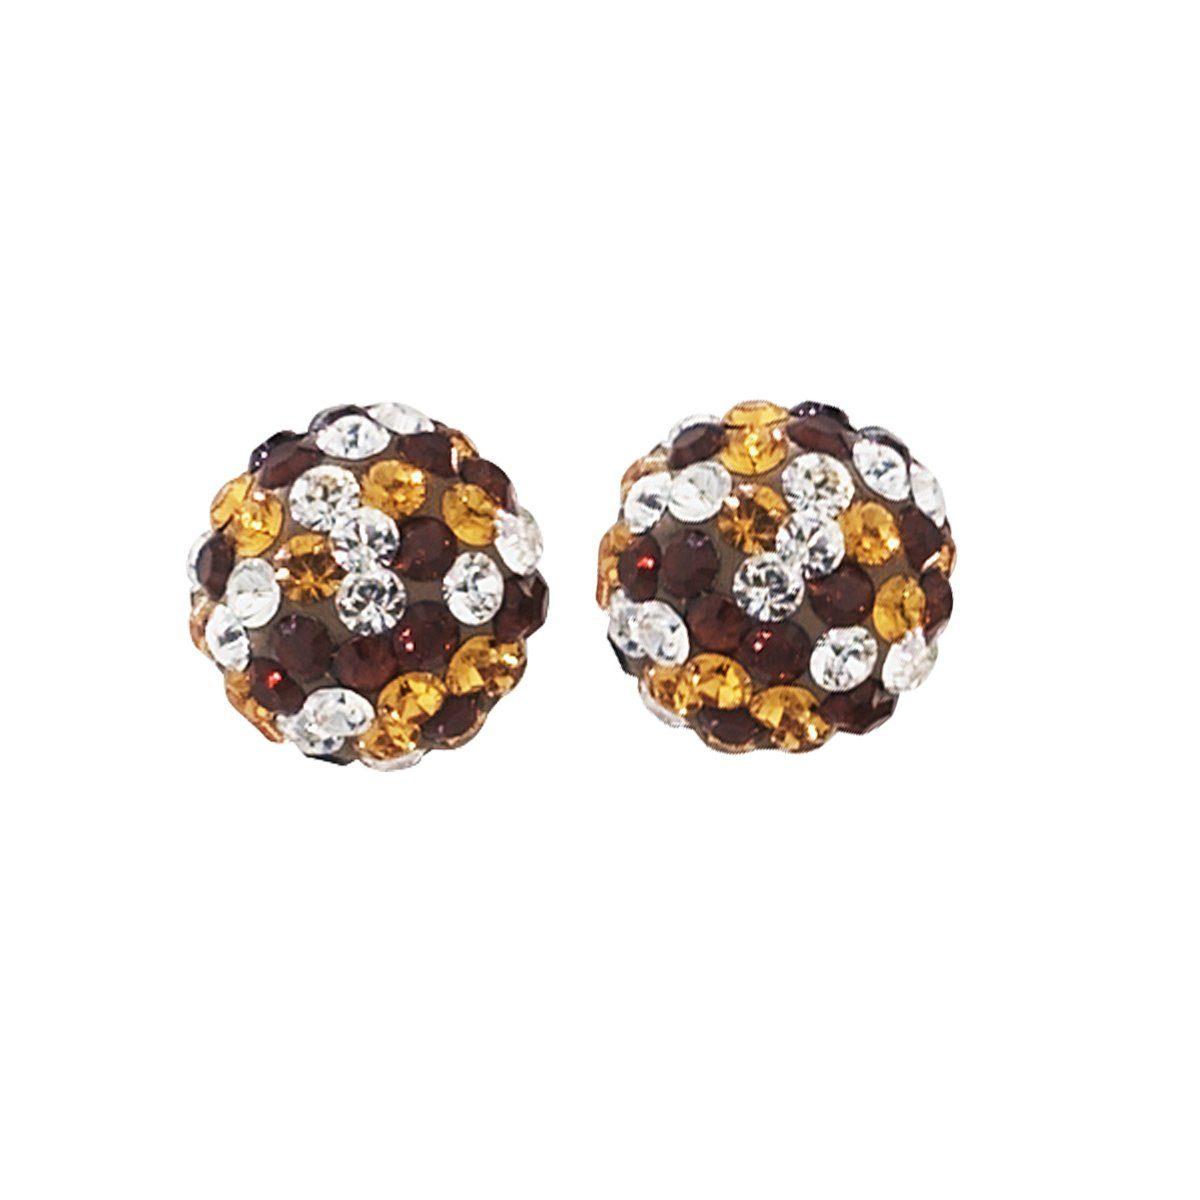 Crystelle Ohrstecker »375/- Gelbgold Swarovski Kristalle«